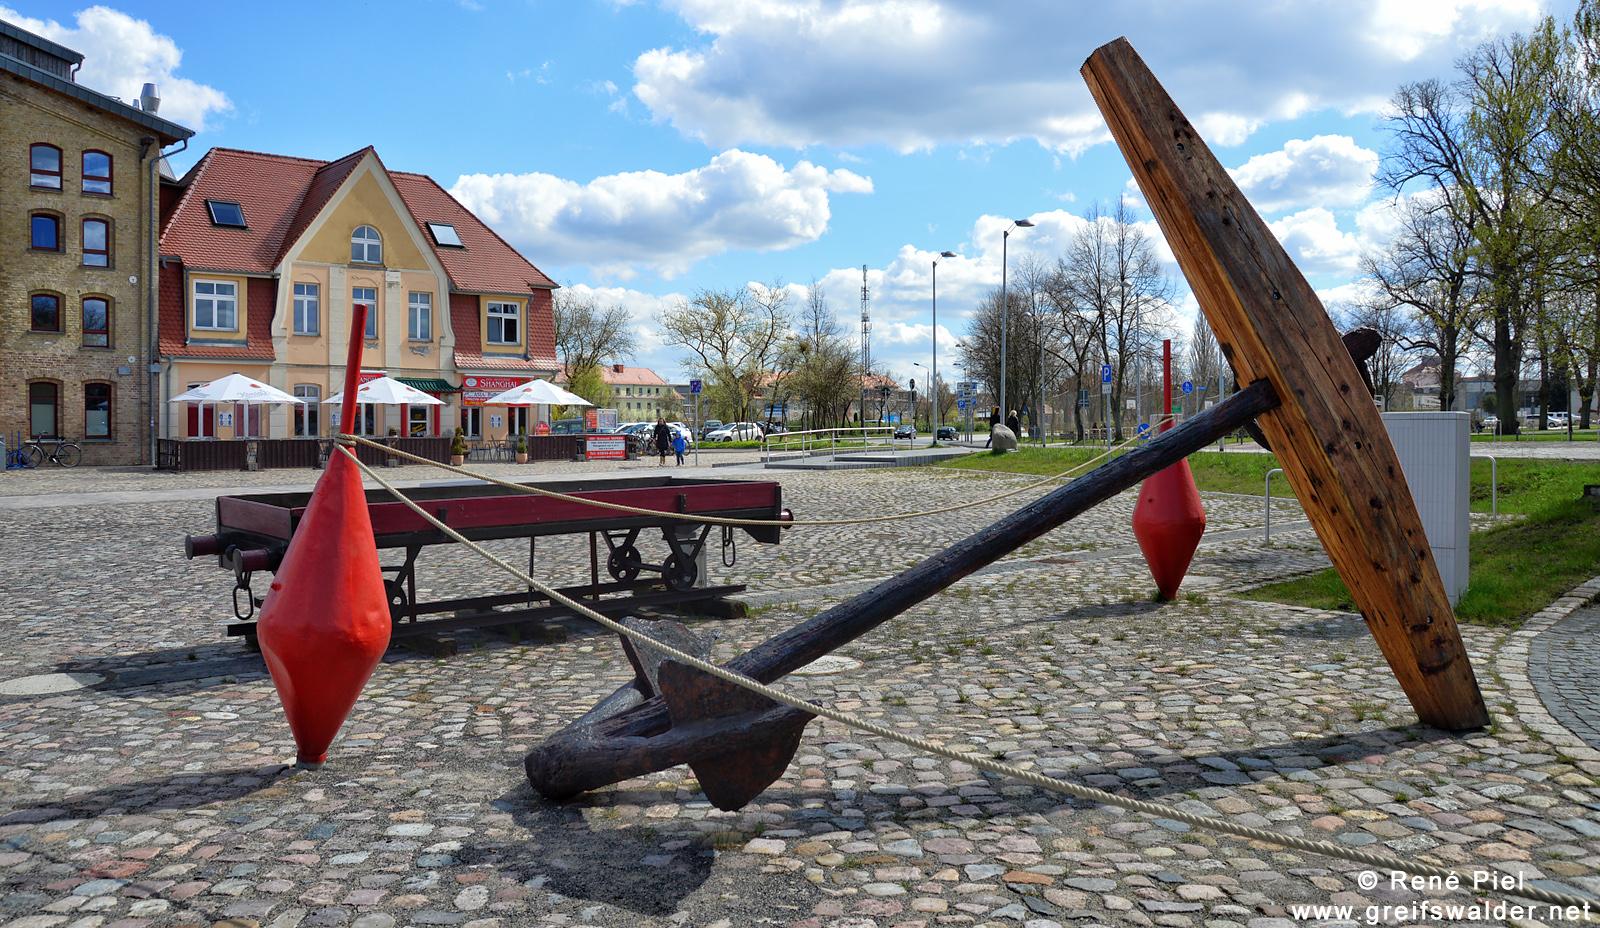 Großer Anker am Museumshafen in Greifswald